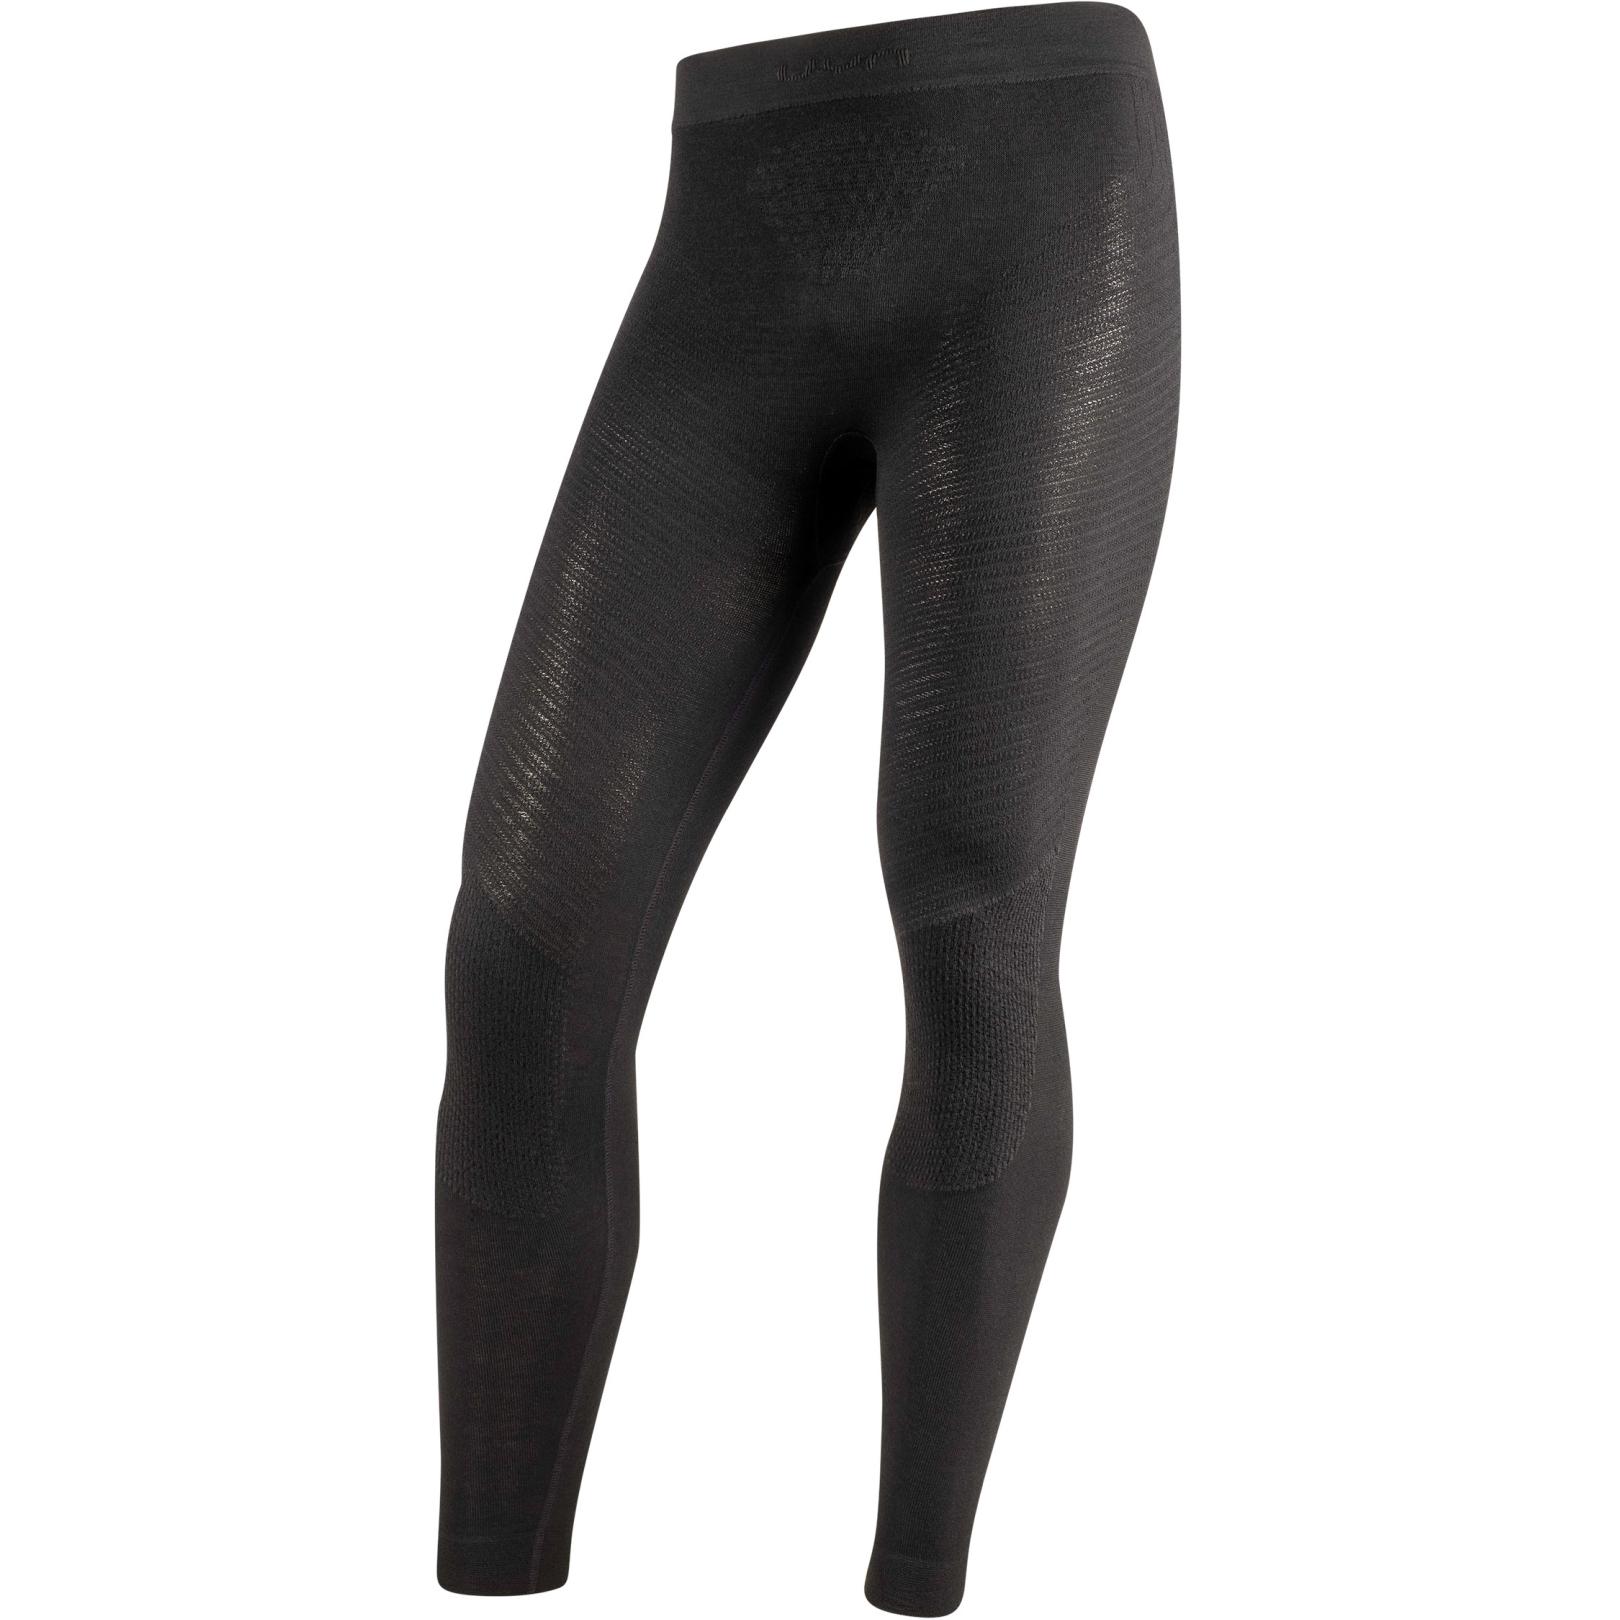 Bild von UYN Fusyon Herren Cashmere Unterhose lang - Black/Black